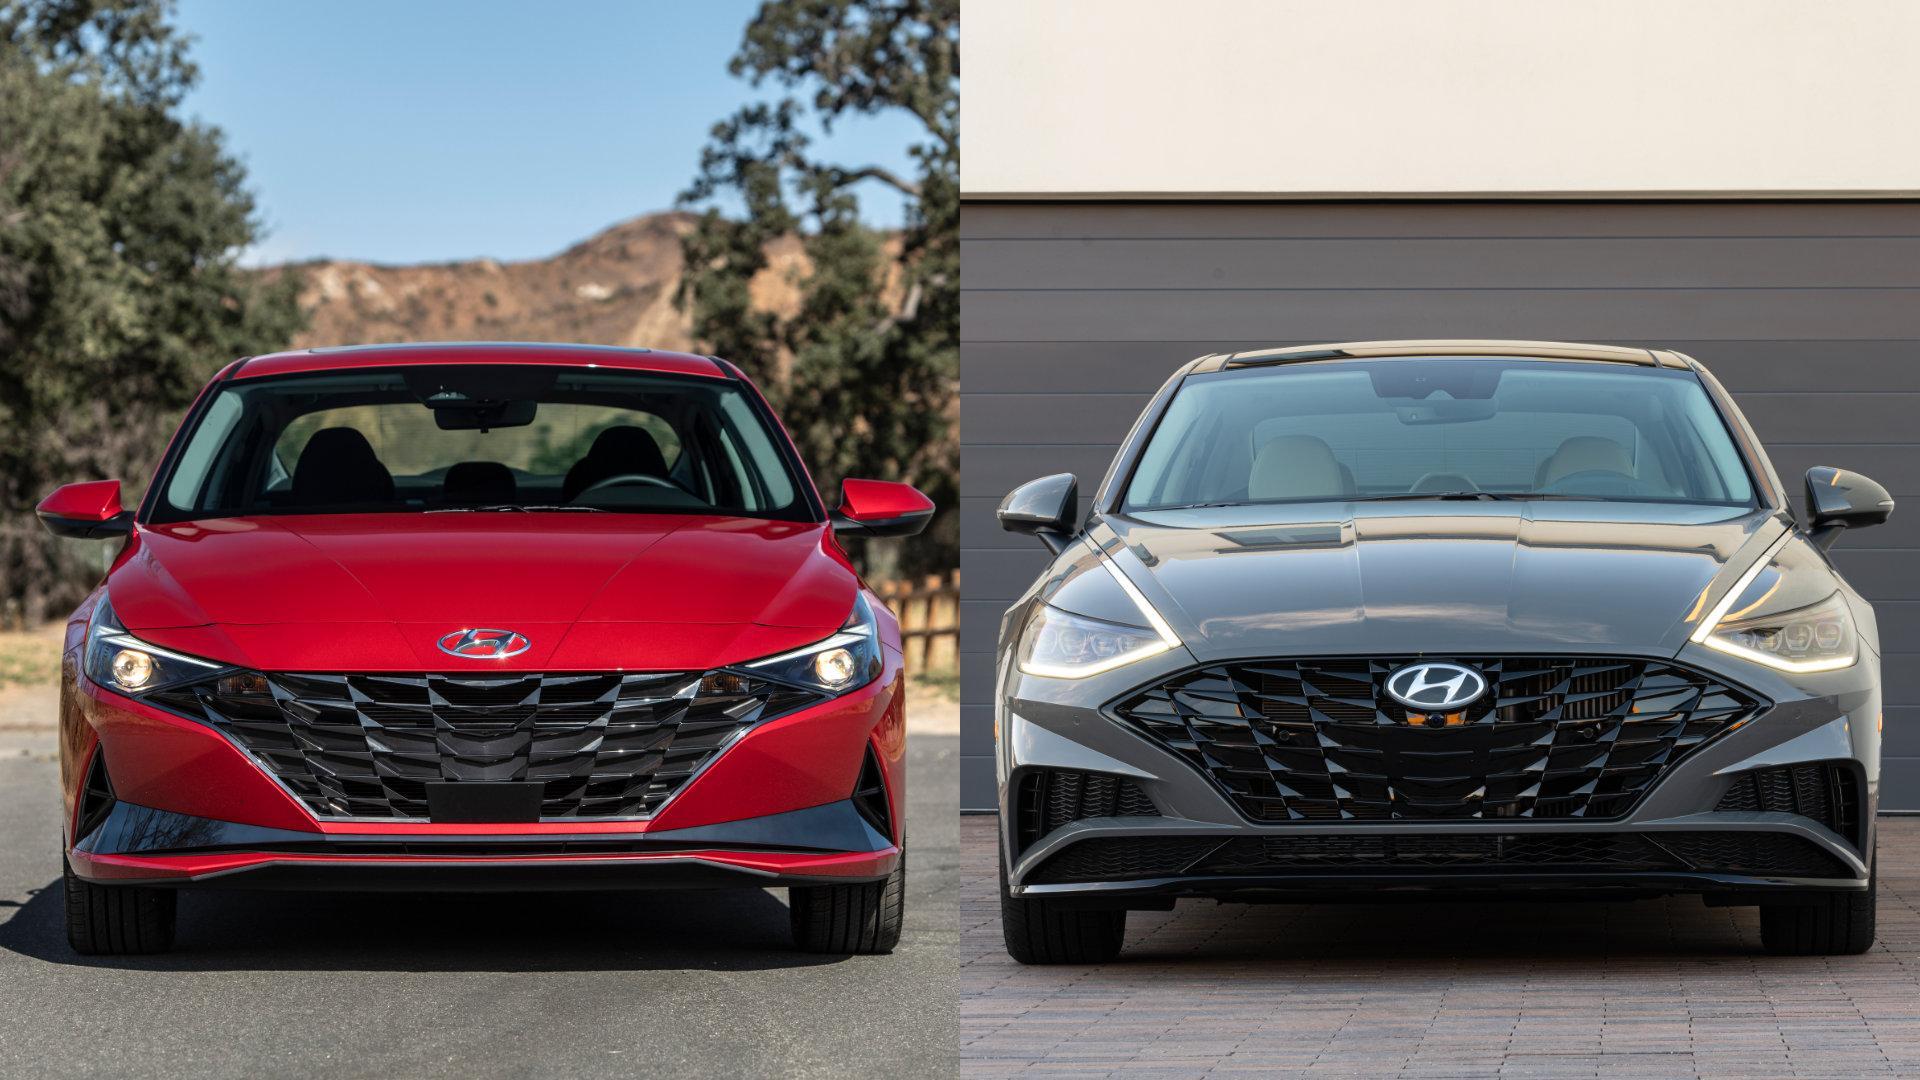 Hyundai Elantra vs Sonata